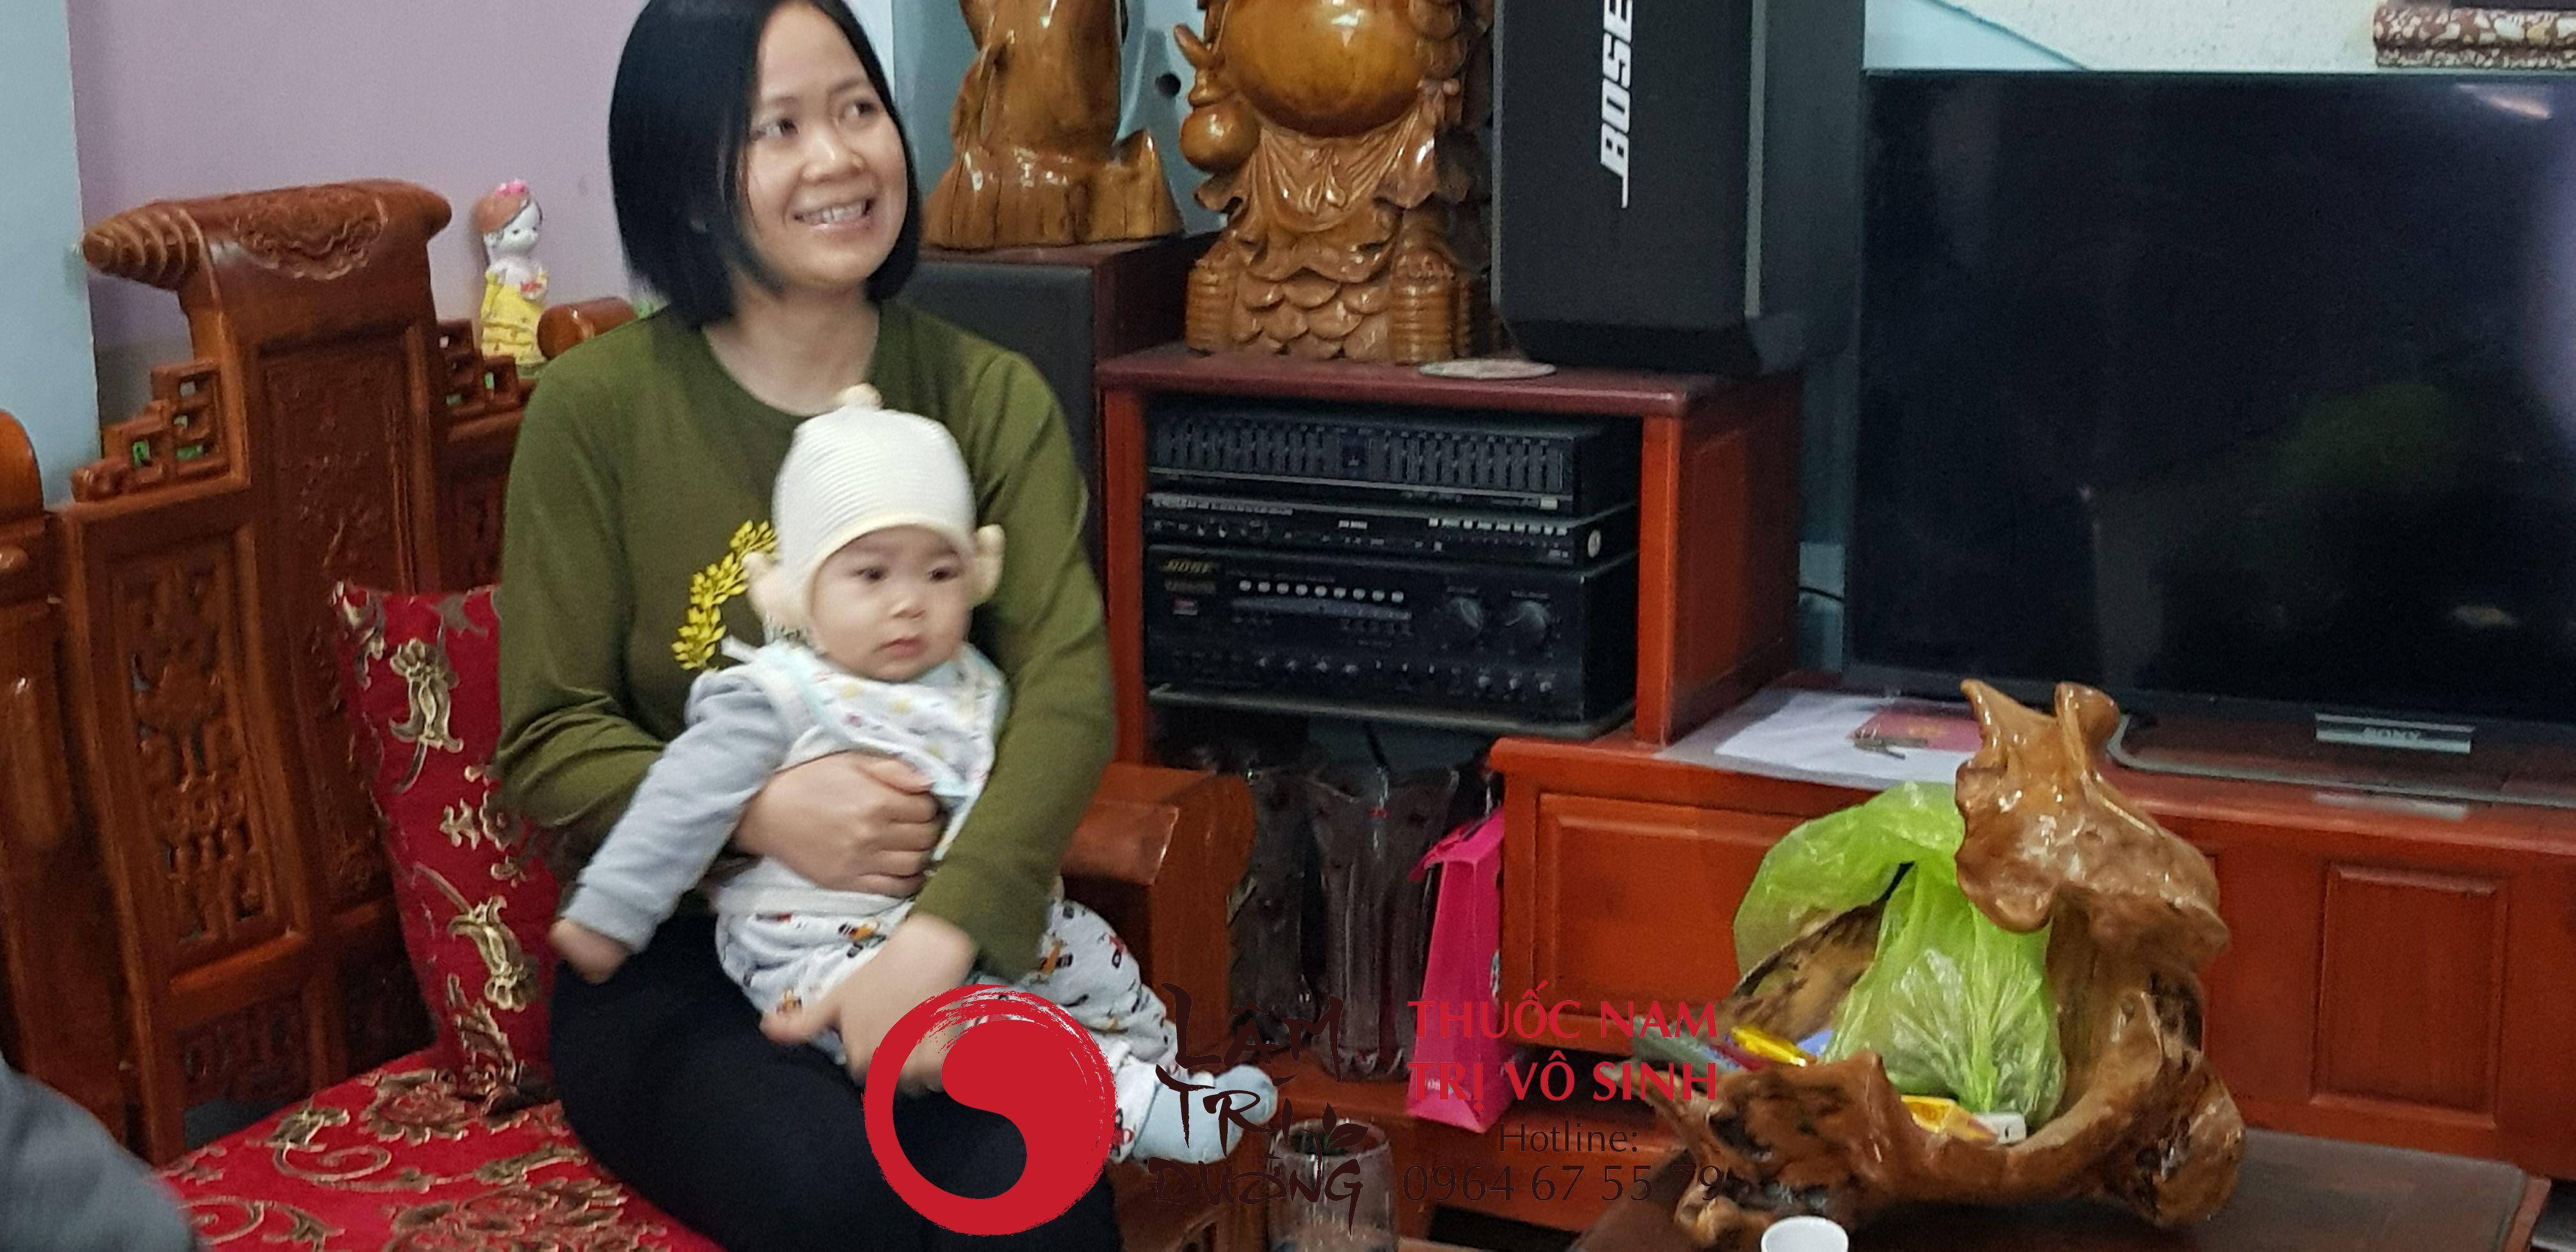 Bài thuốc sinh con trai, ảnh chụp cùng mẹ con chị Hiếu